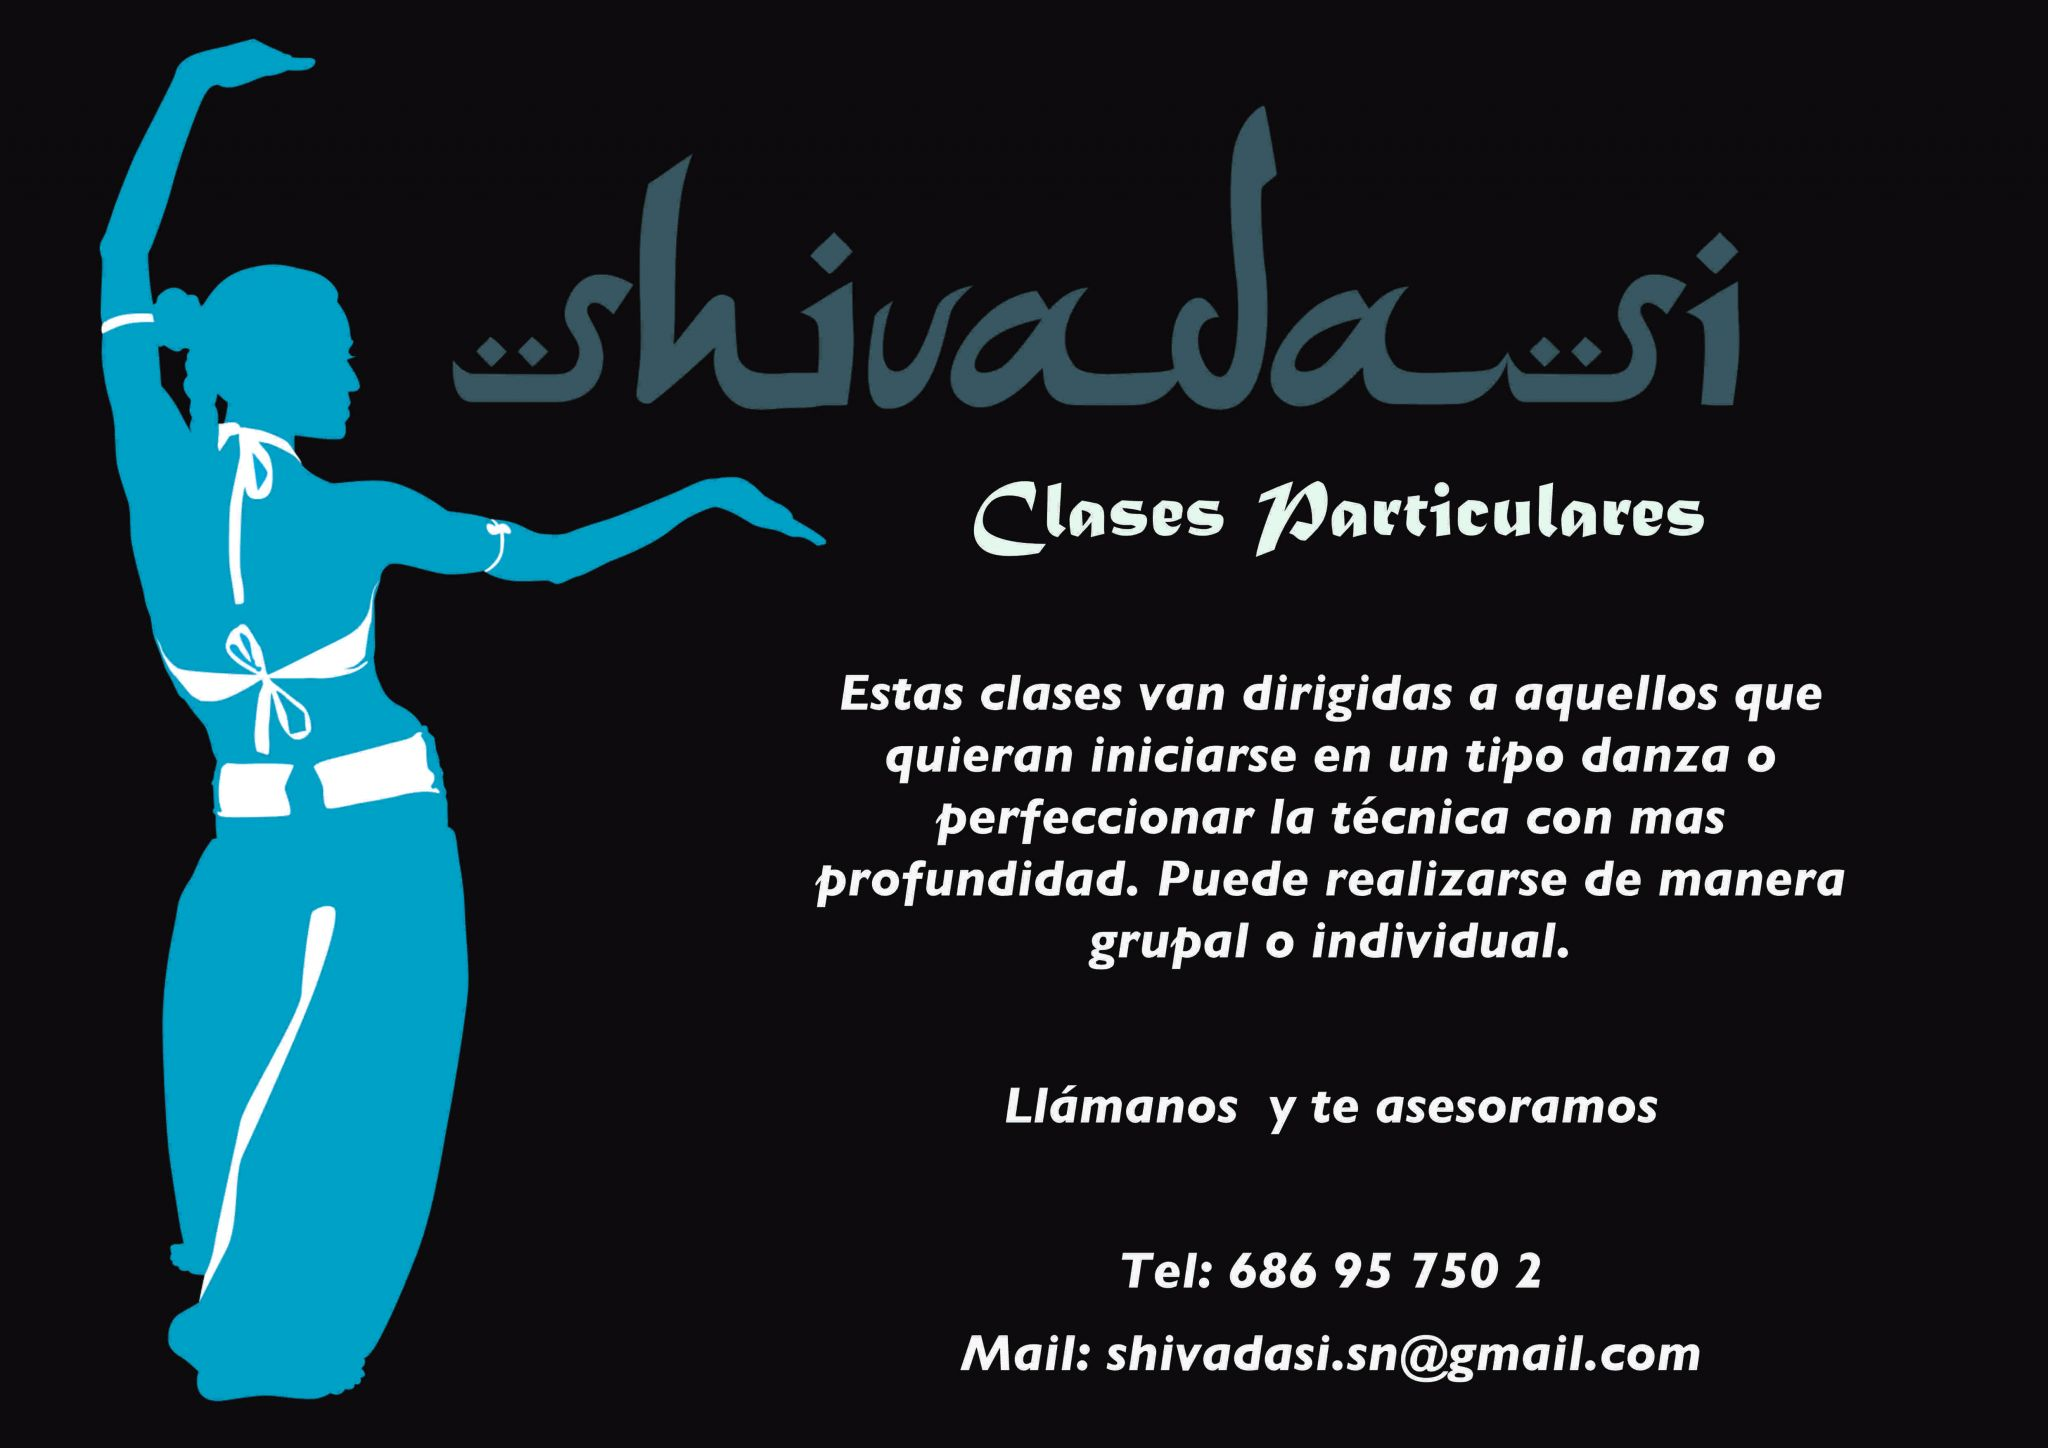 Shivadasi - Escuela de Danza - Clases Particulares - Las Tablas